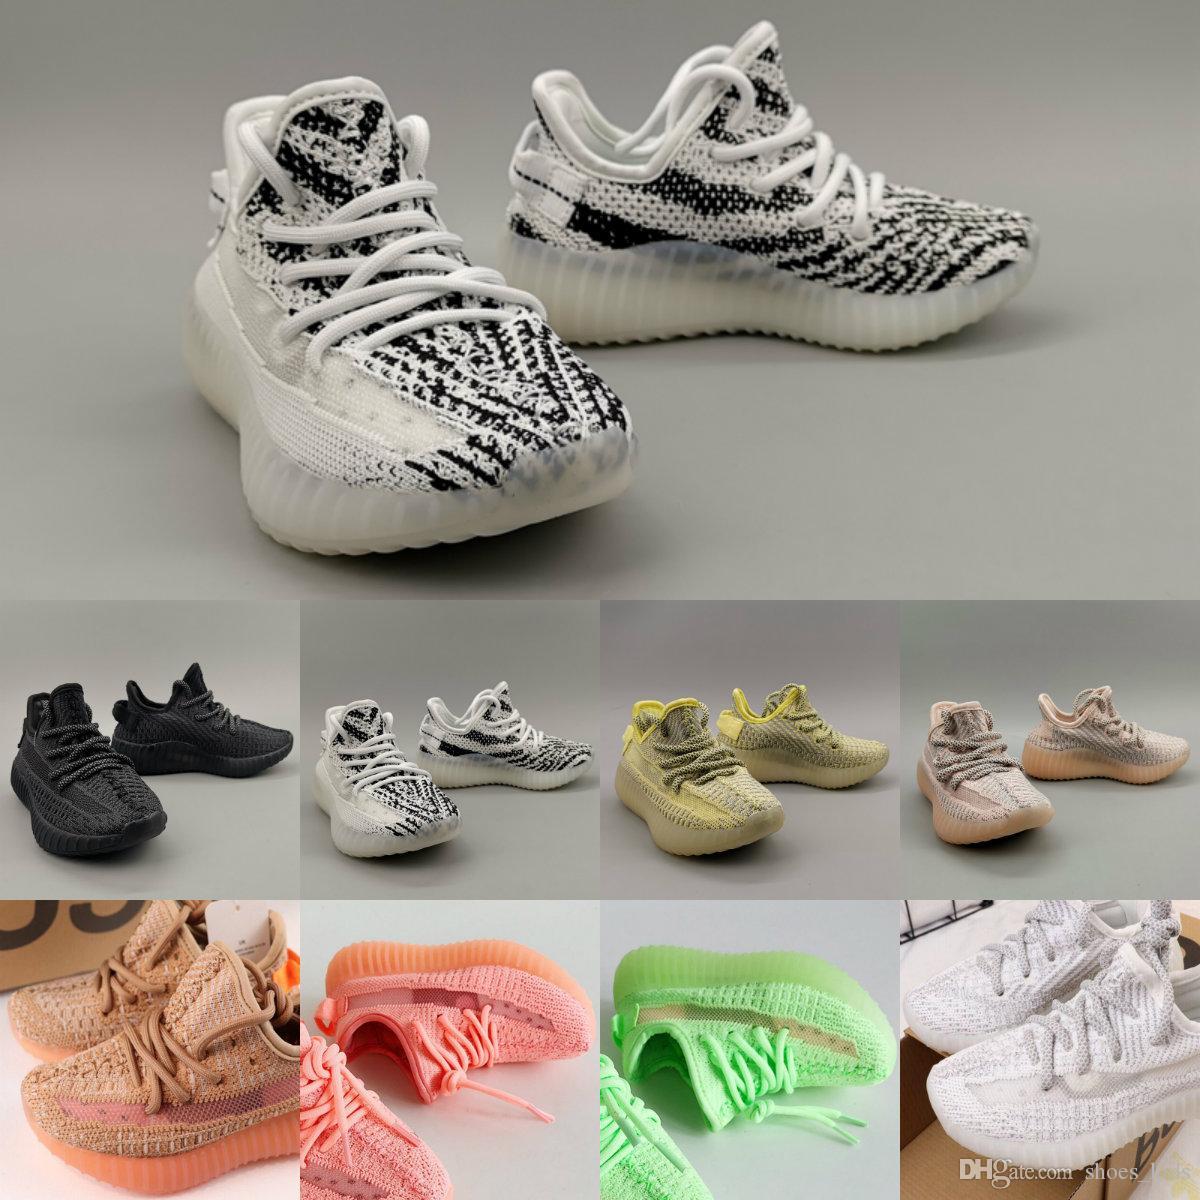 Enfants Chaussures de course Kanye V2 statique Zebra bébé blanc crème BÉLUGA enfants Sport Chaussures de sport Formateurs Garçon Fille Toddler enfant